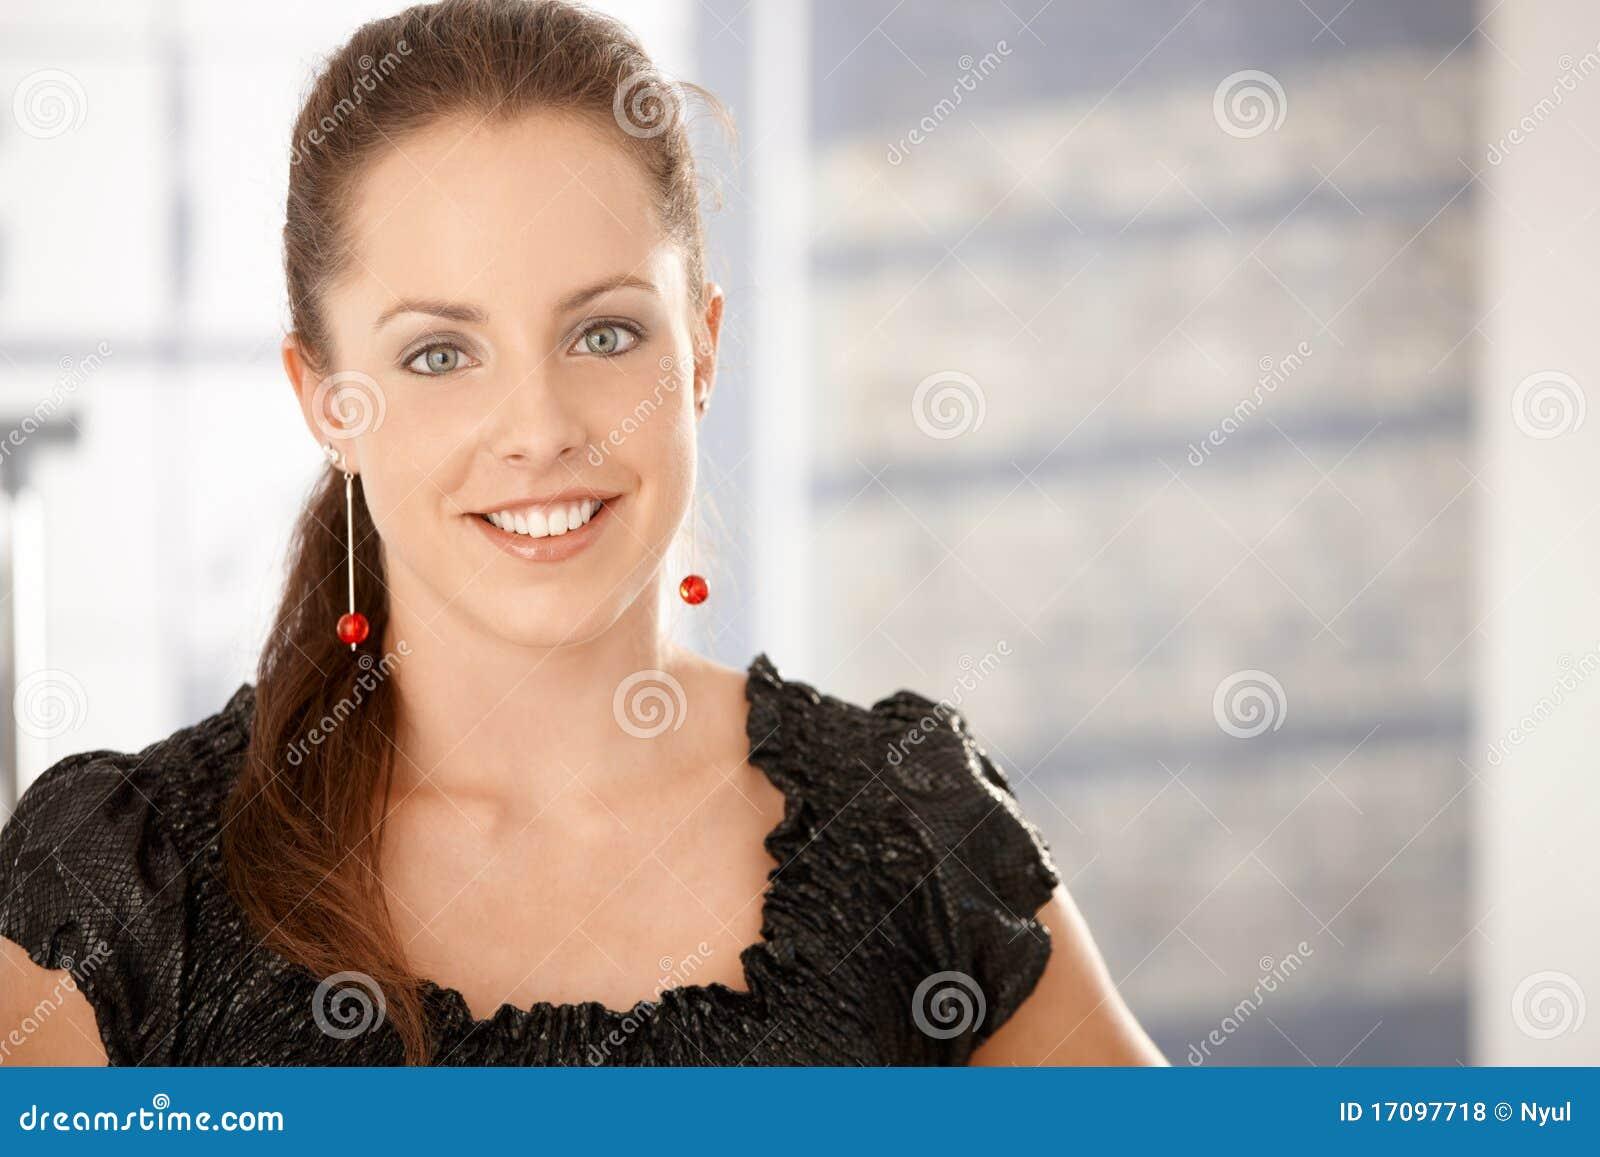 Portrait des attraktiven Lächelns der jungen Frau